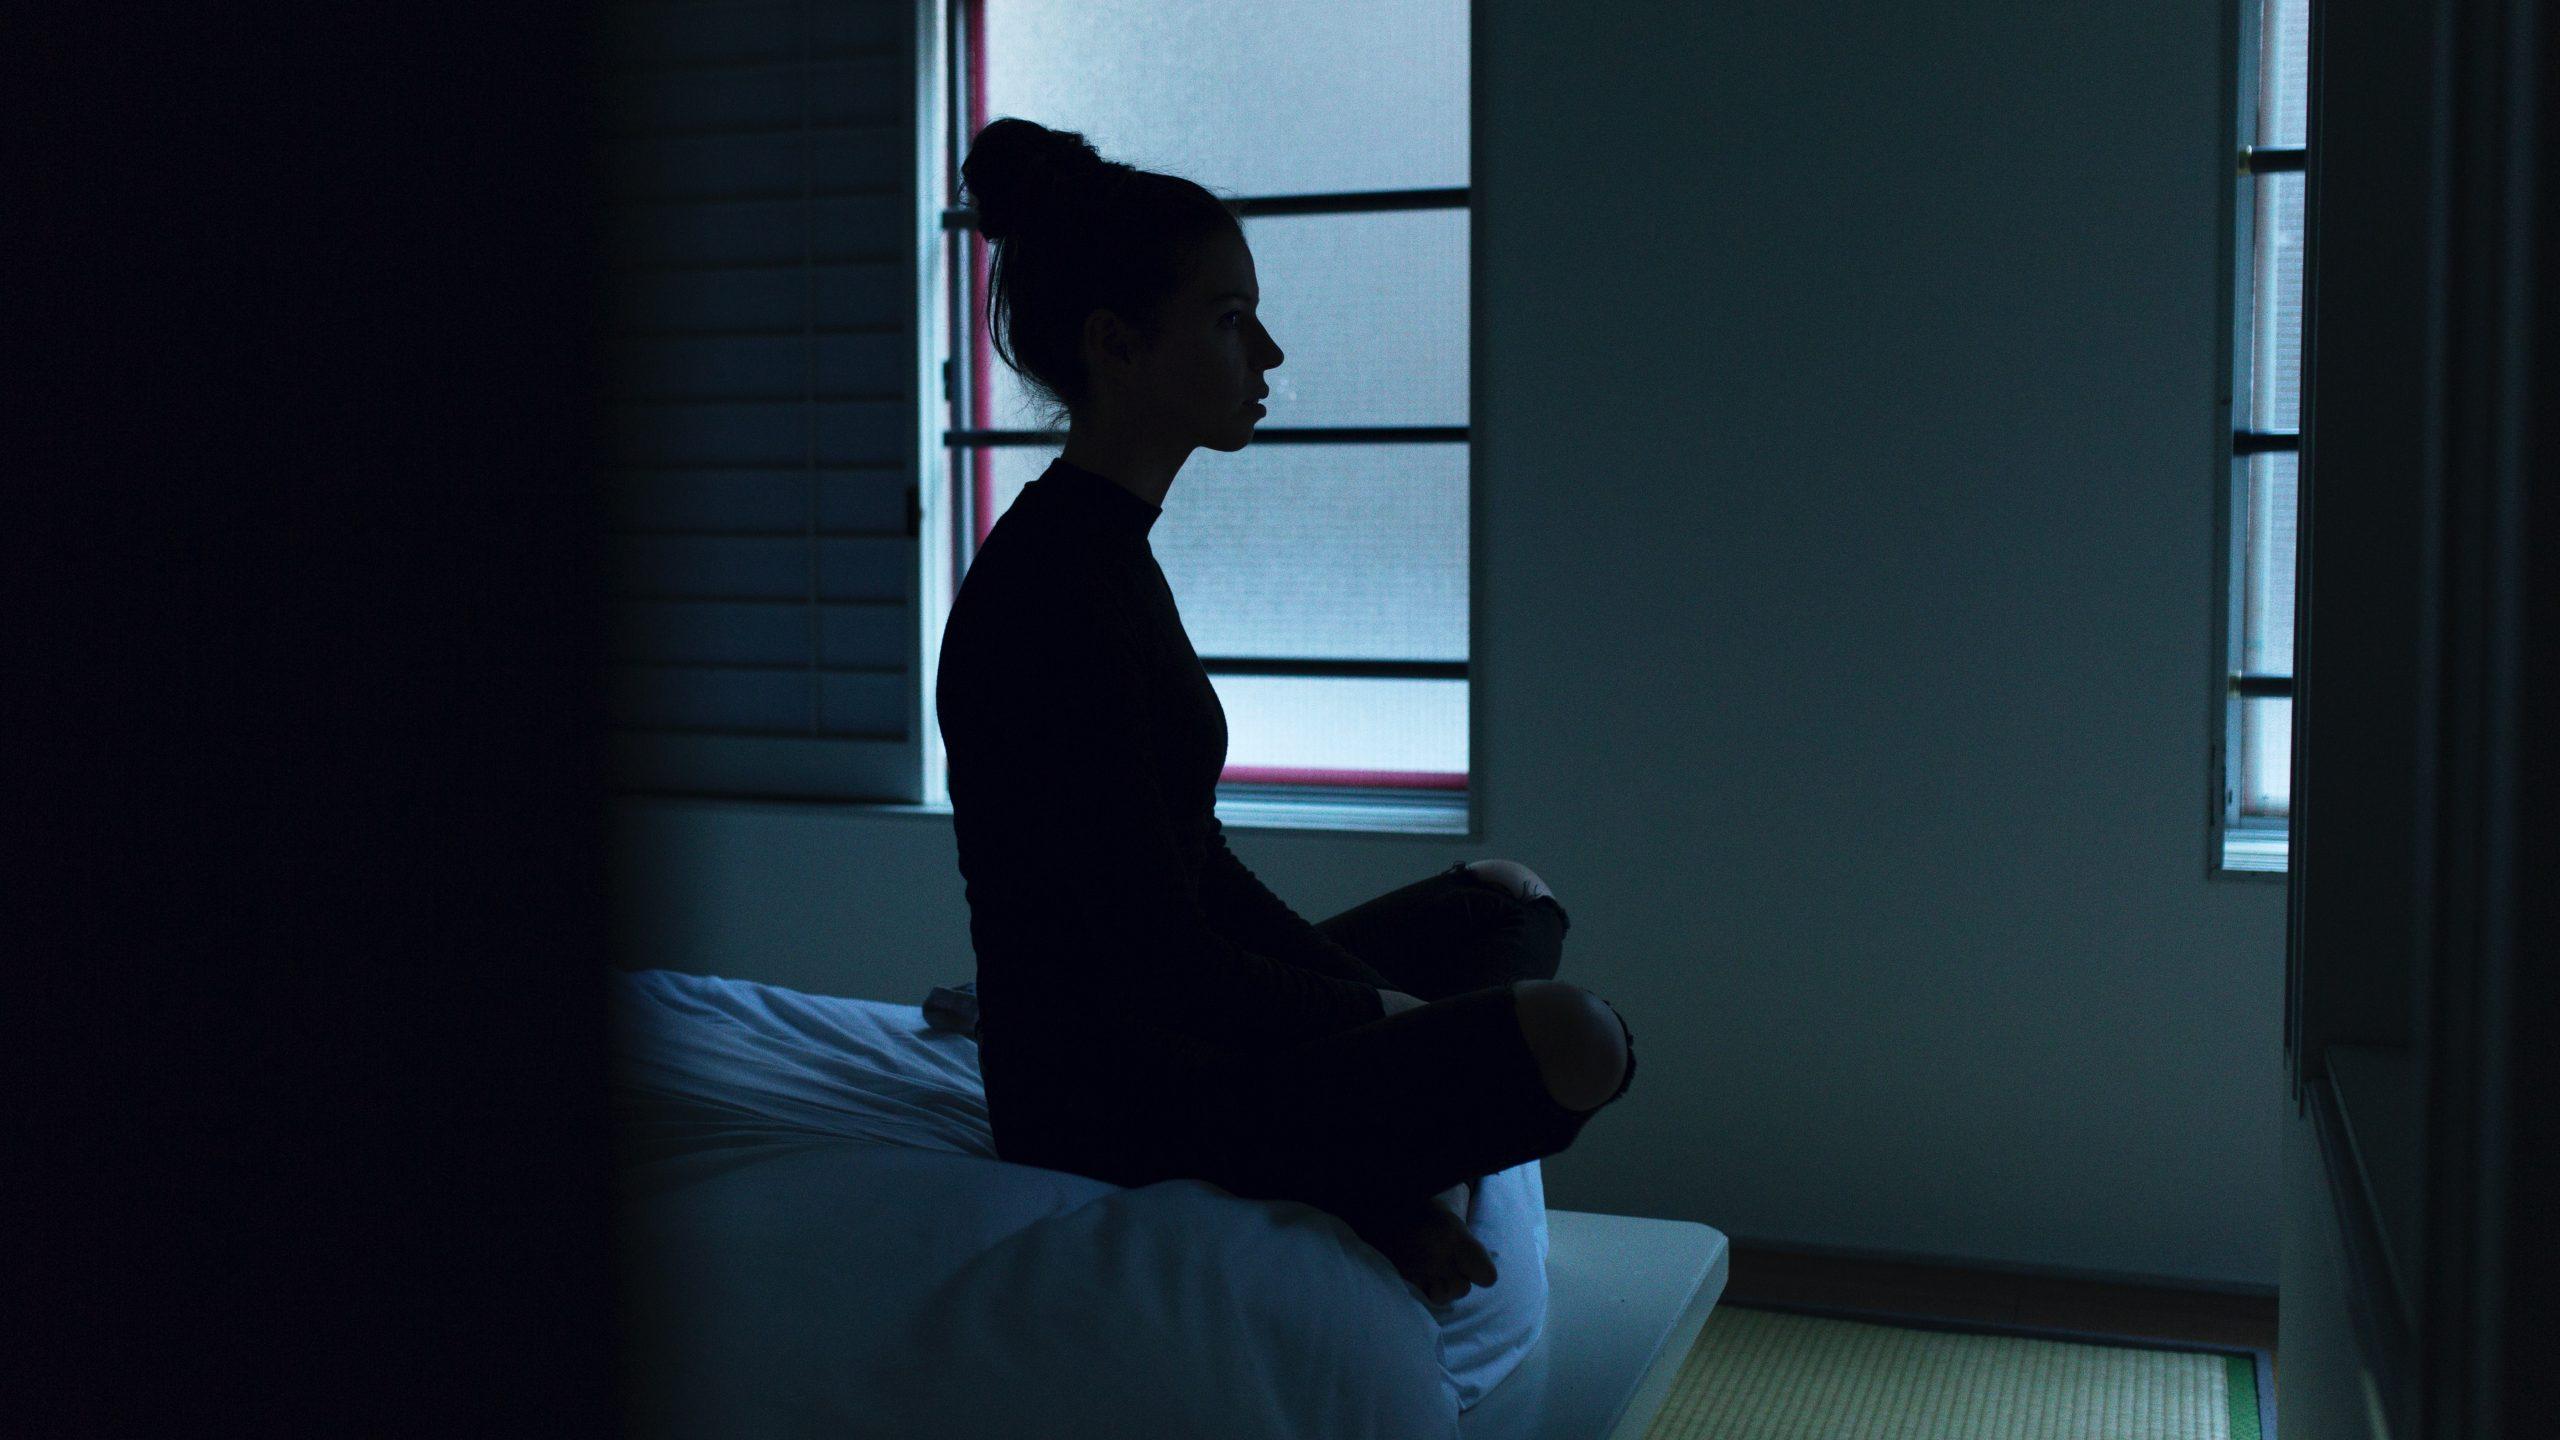 失眠的問題總是困擾著你嗎?Part2-1